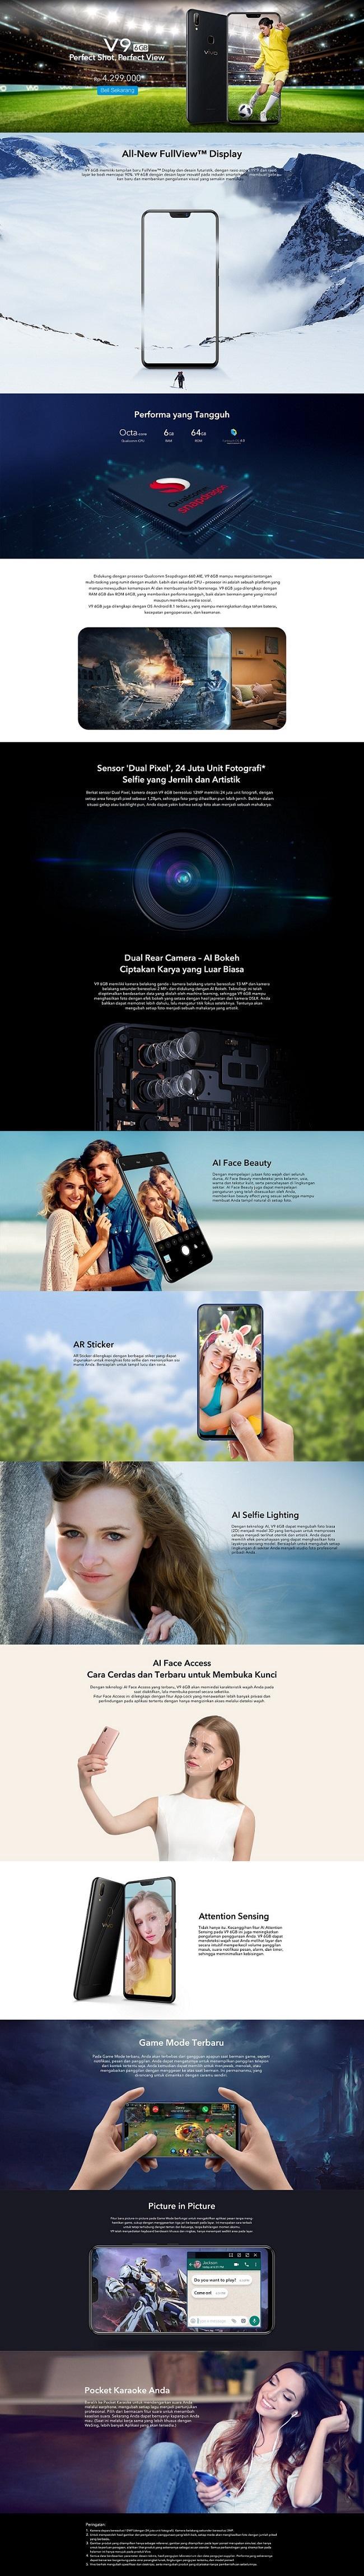 Spec Description V9 6 GB.jpg